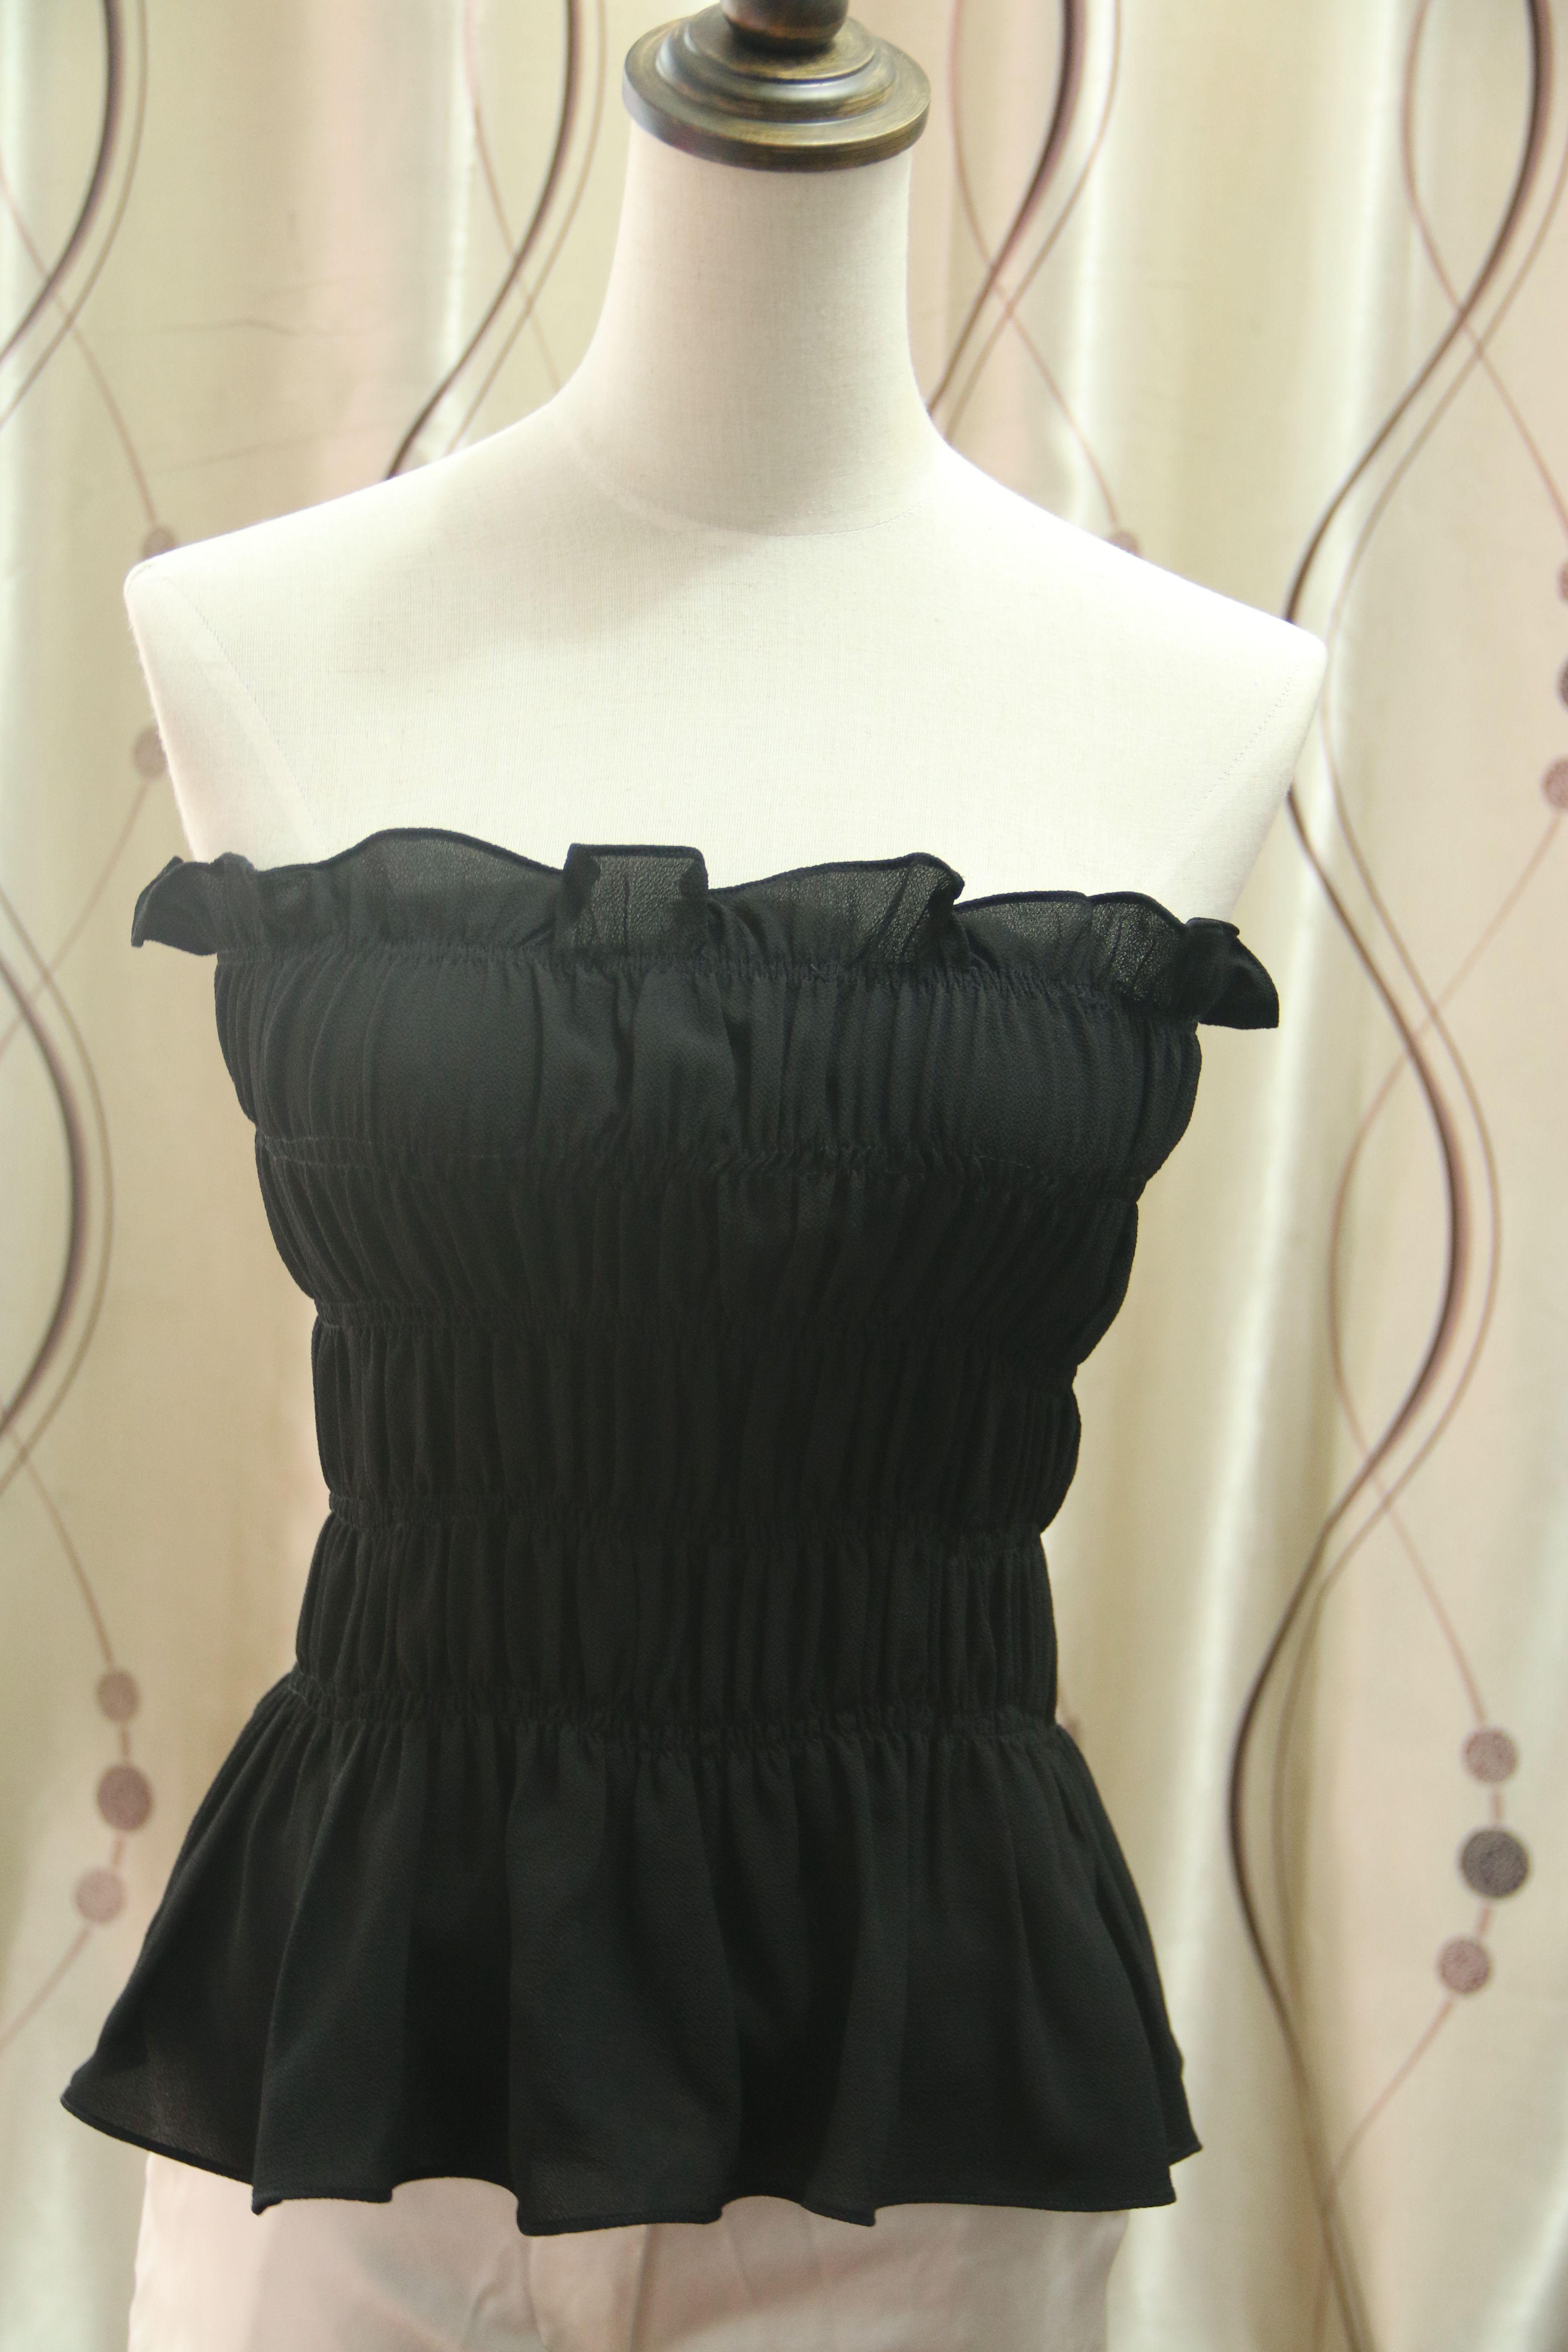 Размер верхней одежды женской доставка